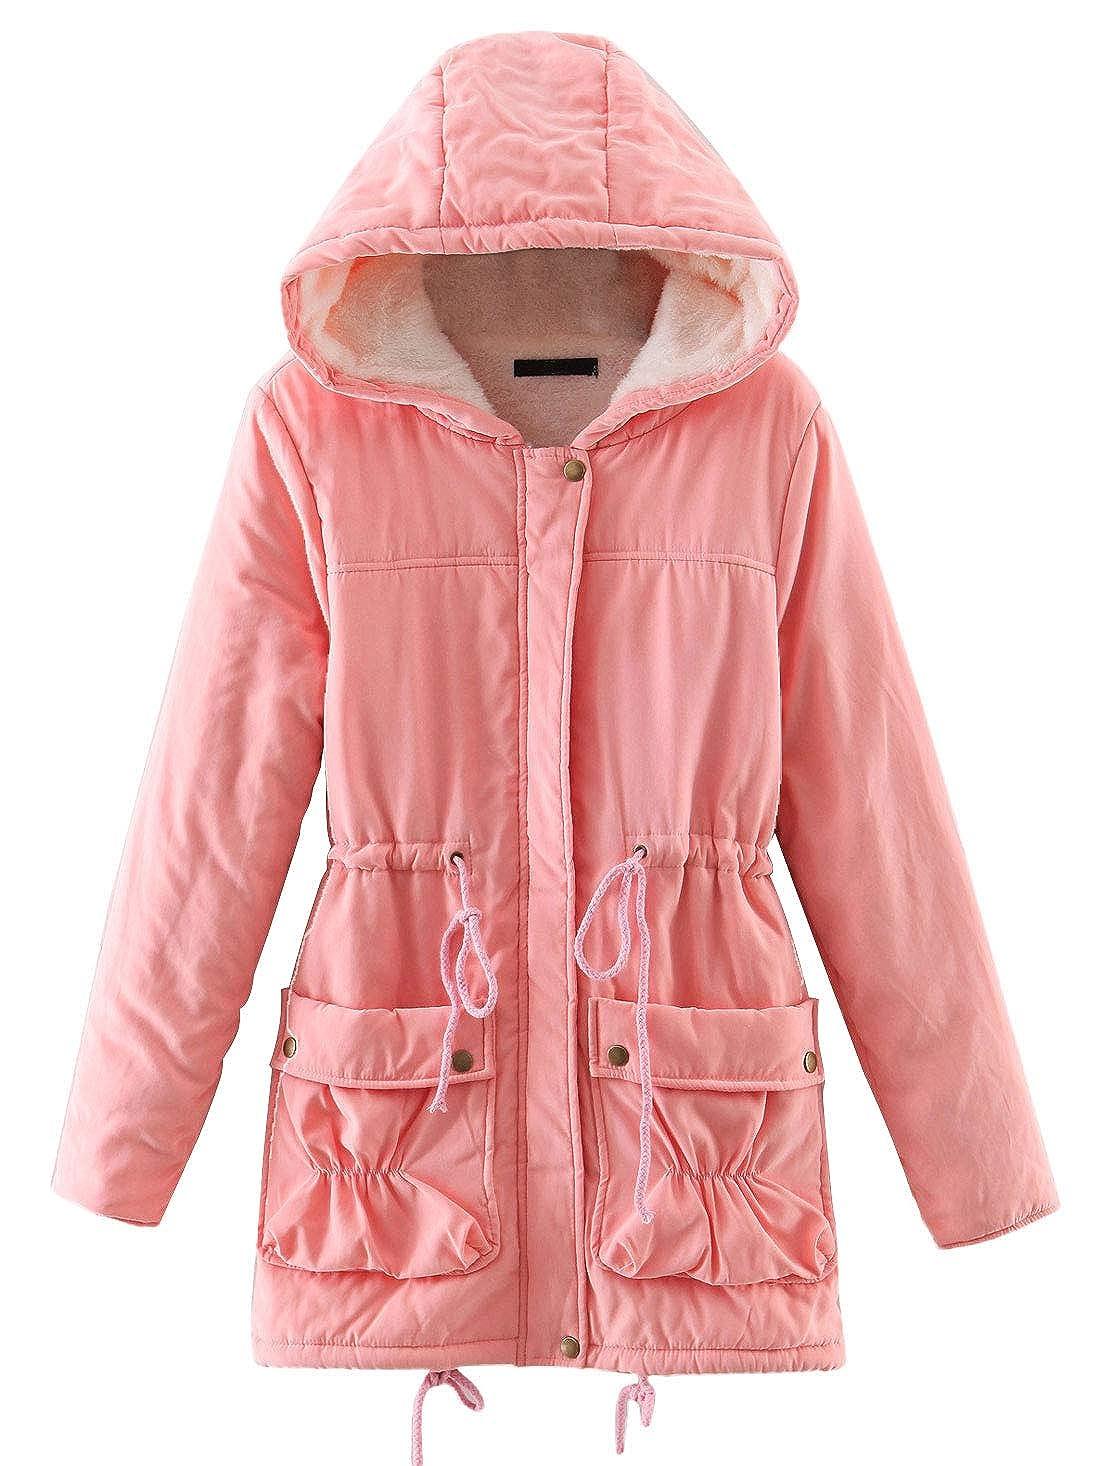 Amazon.com: Chartou - Abrigo largo con capucha para mujer ...